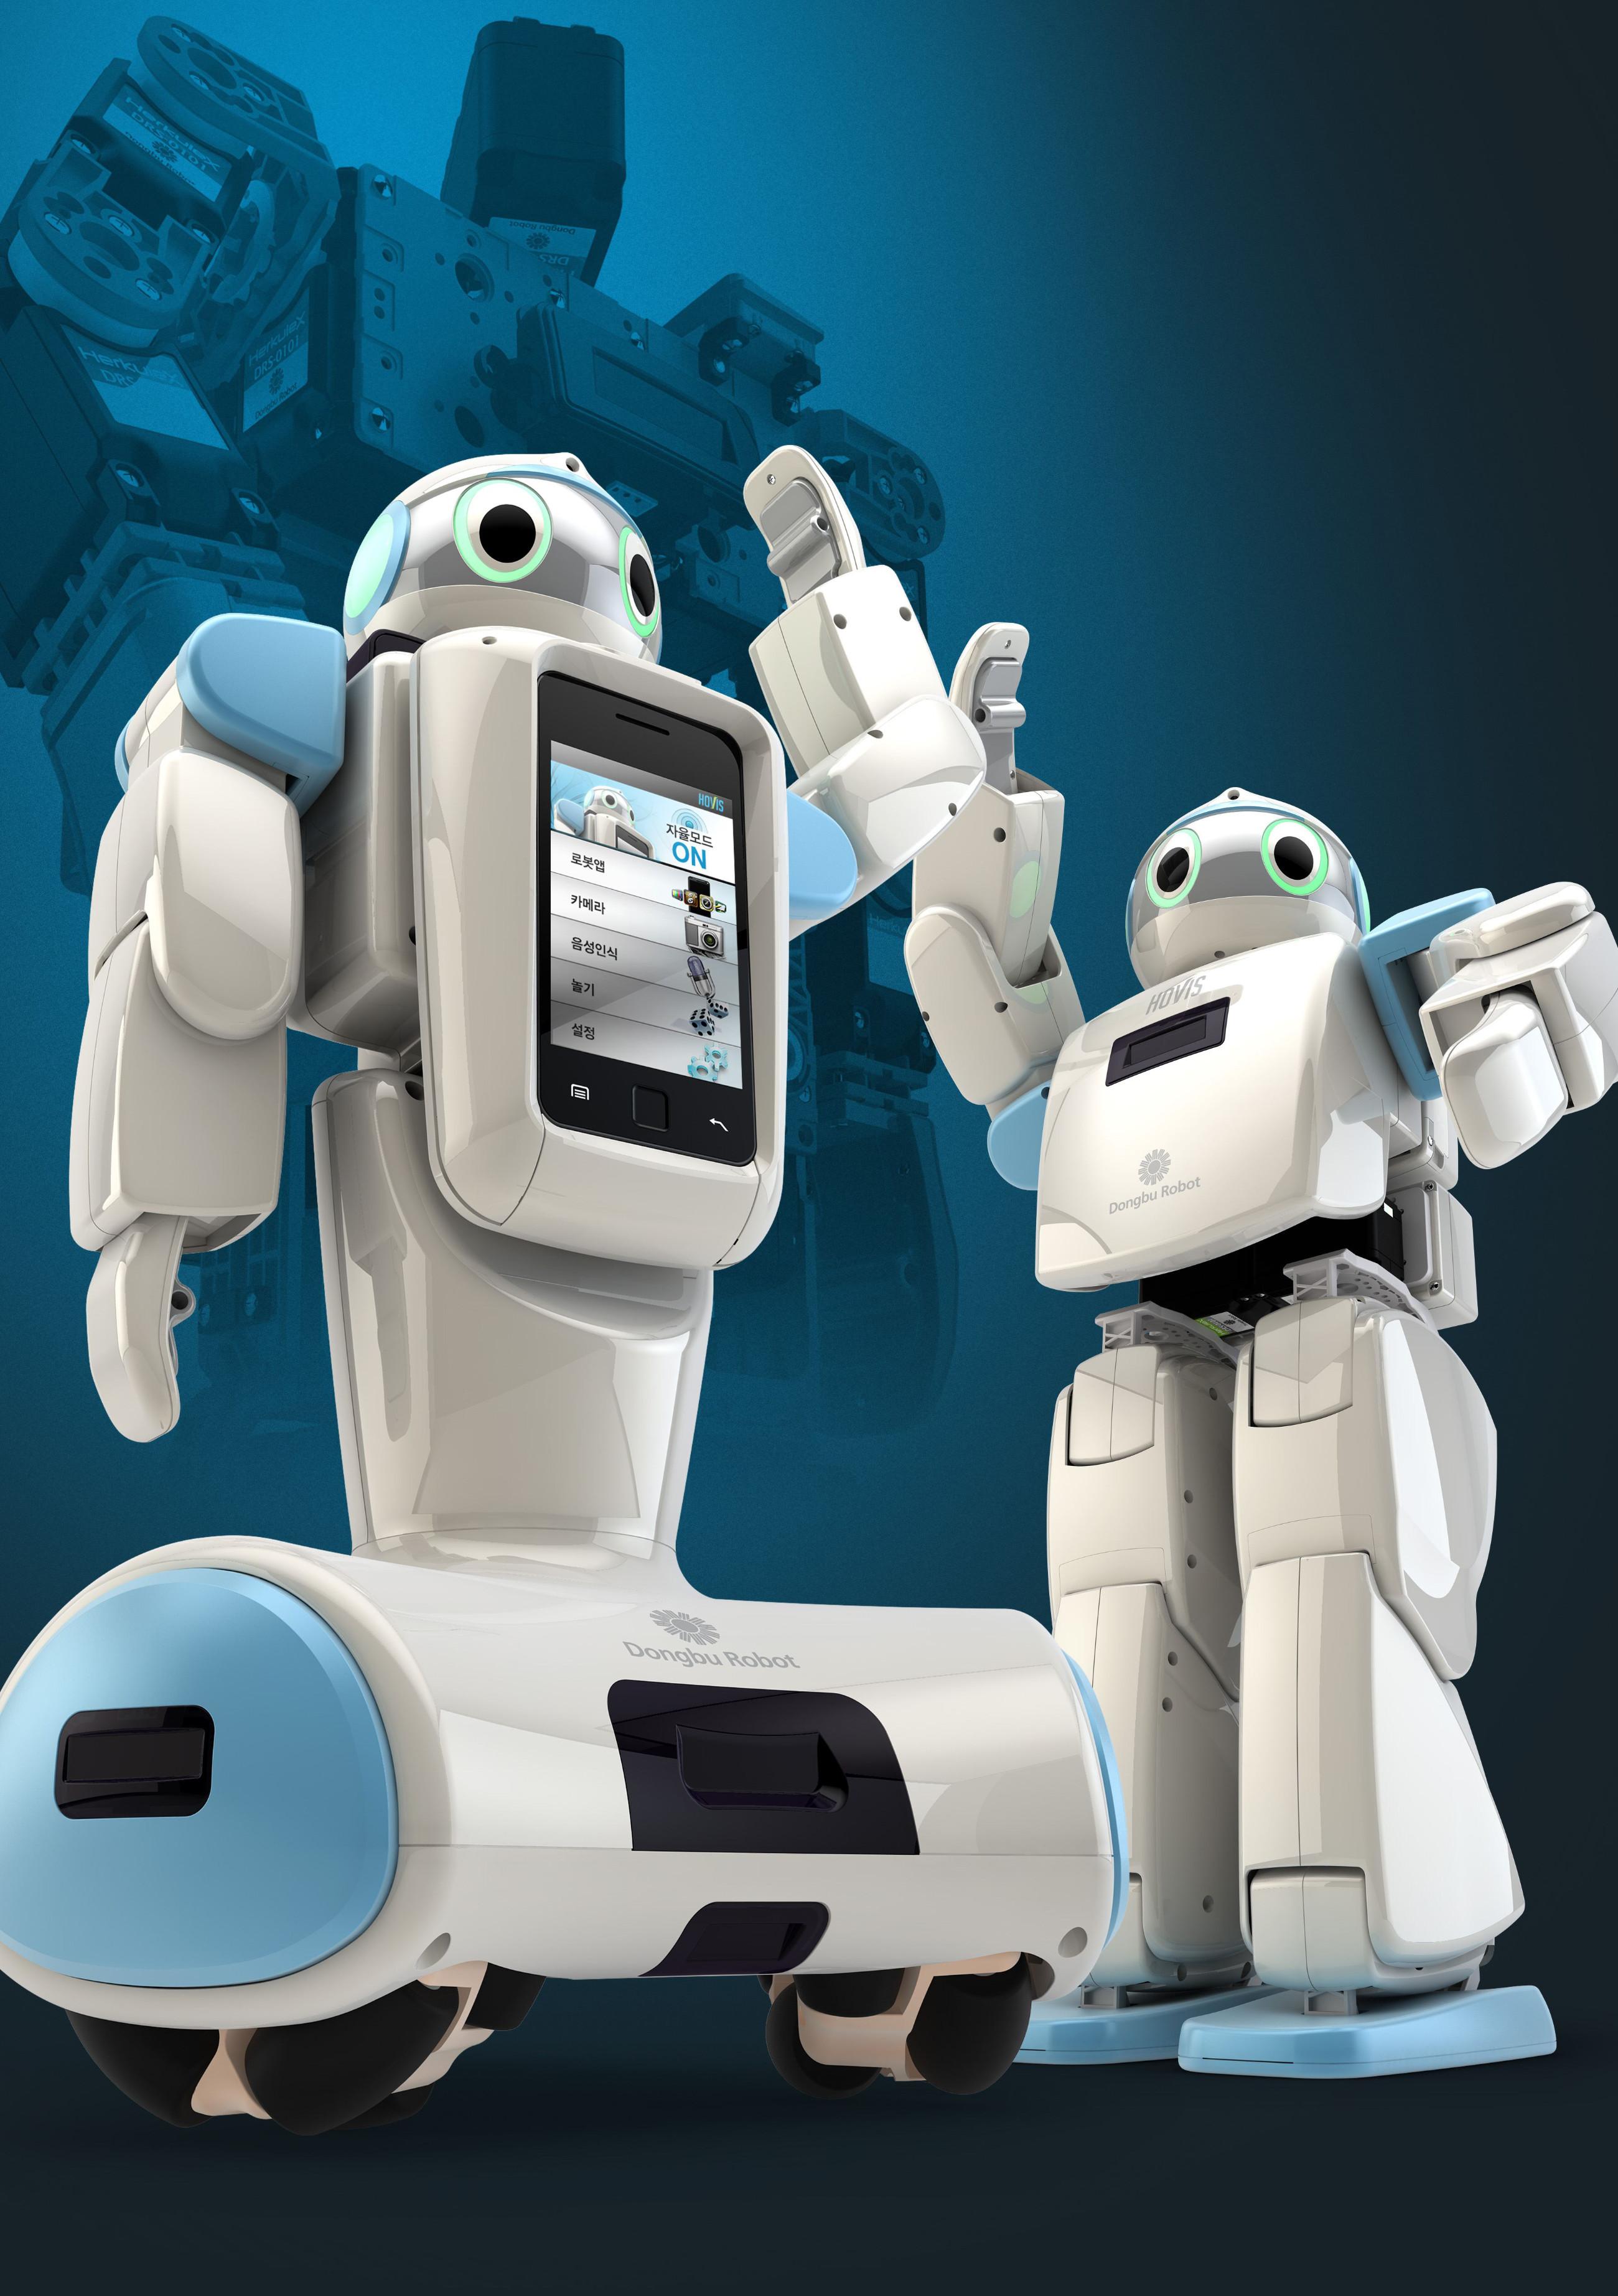 Schon in ihrer Grundbewegung haben humanoide Roboter gegenüber den sonst üblichen Ausführungen einen entscheidenden Nachteil: Das Gehen auf zwei Beinen ist ungleich komplexer als jedes noch so fein gesteuerte Fahren auf Rädern. Bild: Dongbu Robot